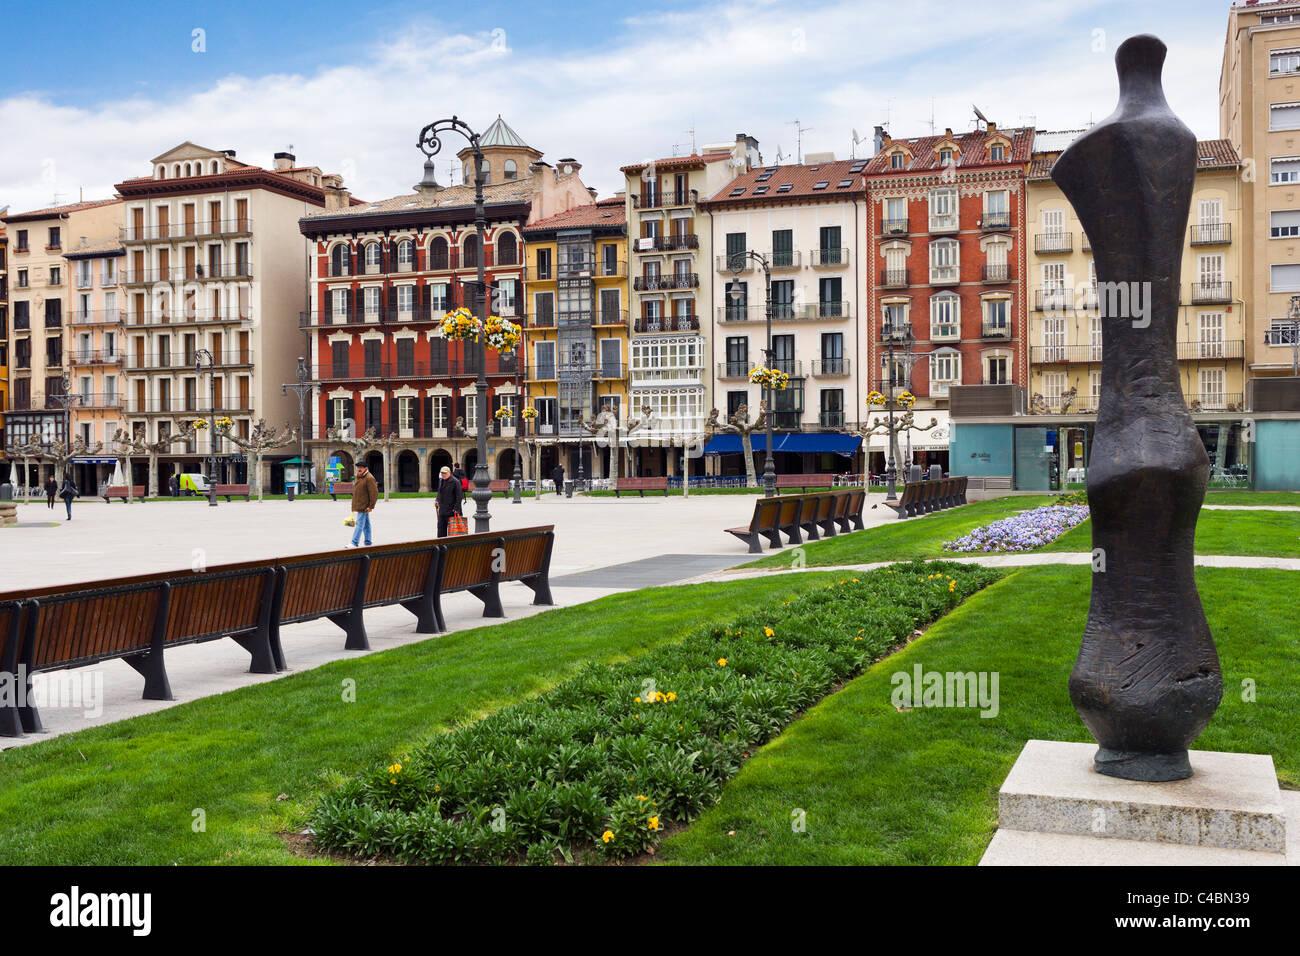 Plaza del Castillo nella storica Città Vecchia (Casco Viejo), Pamplona, Navarra, Spagna Immagini Stock